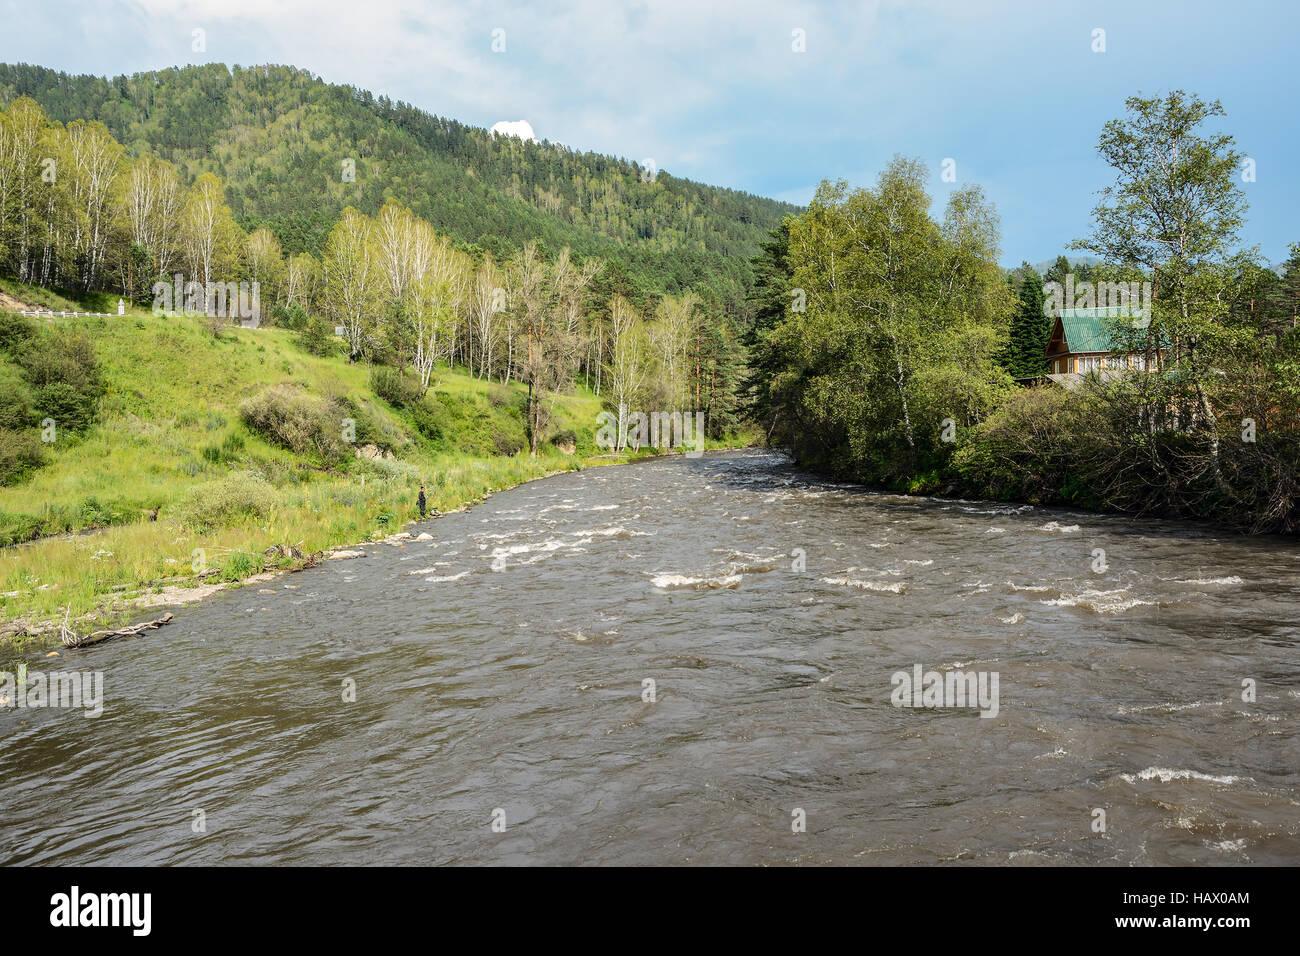 République de l'Altaï, Sema river près du village Kamlak Banque D'Images